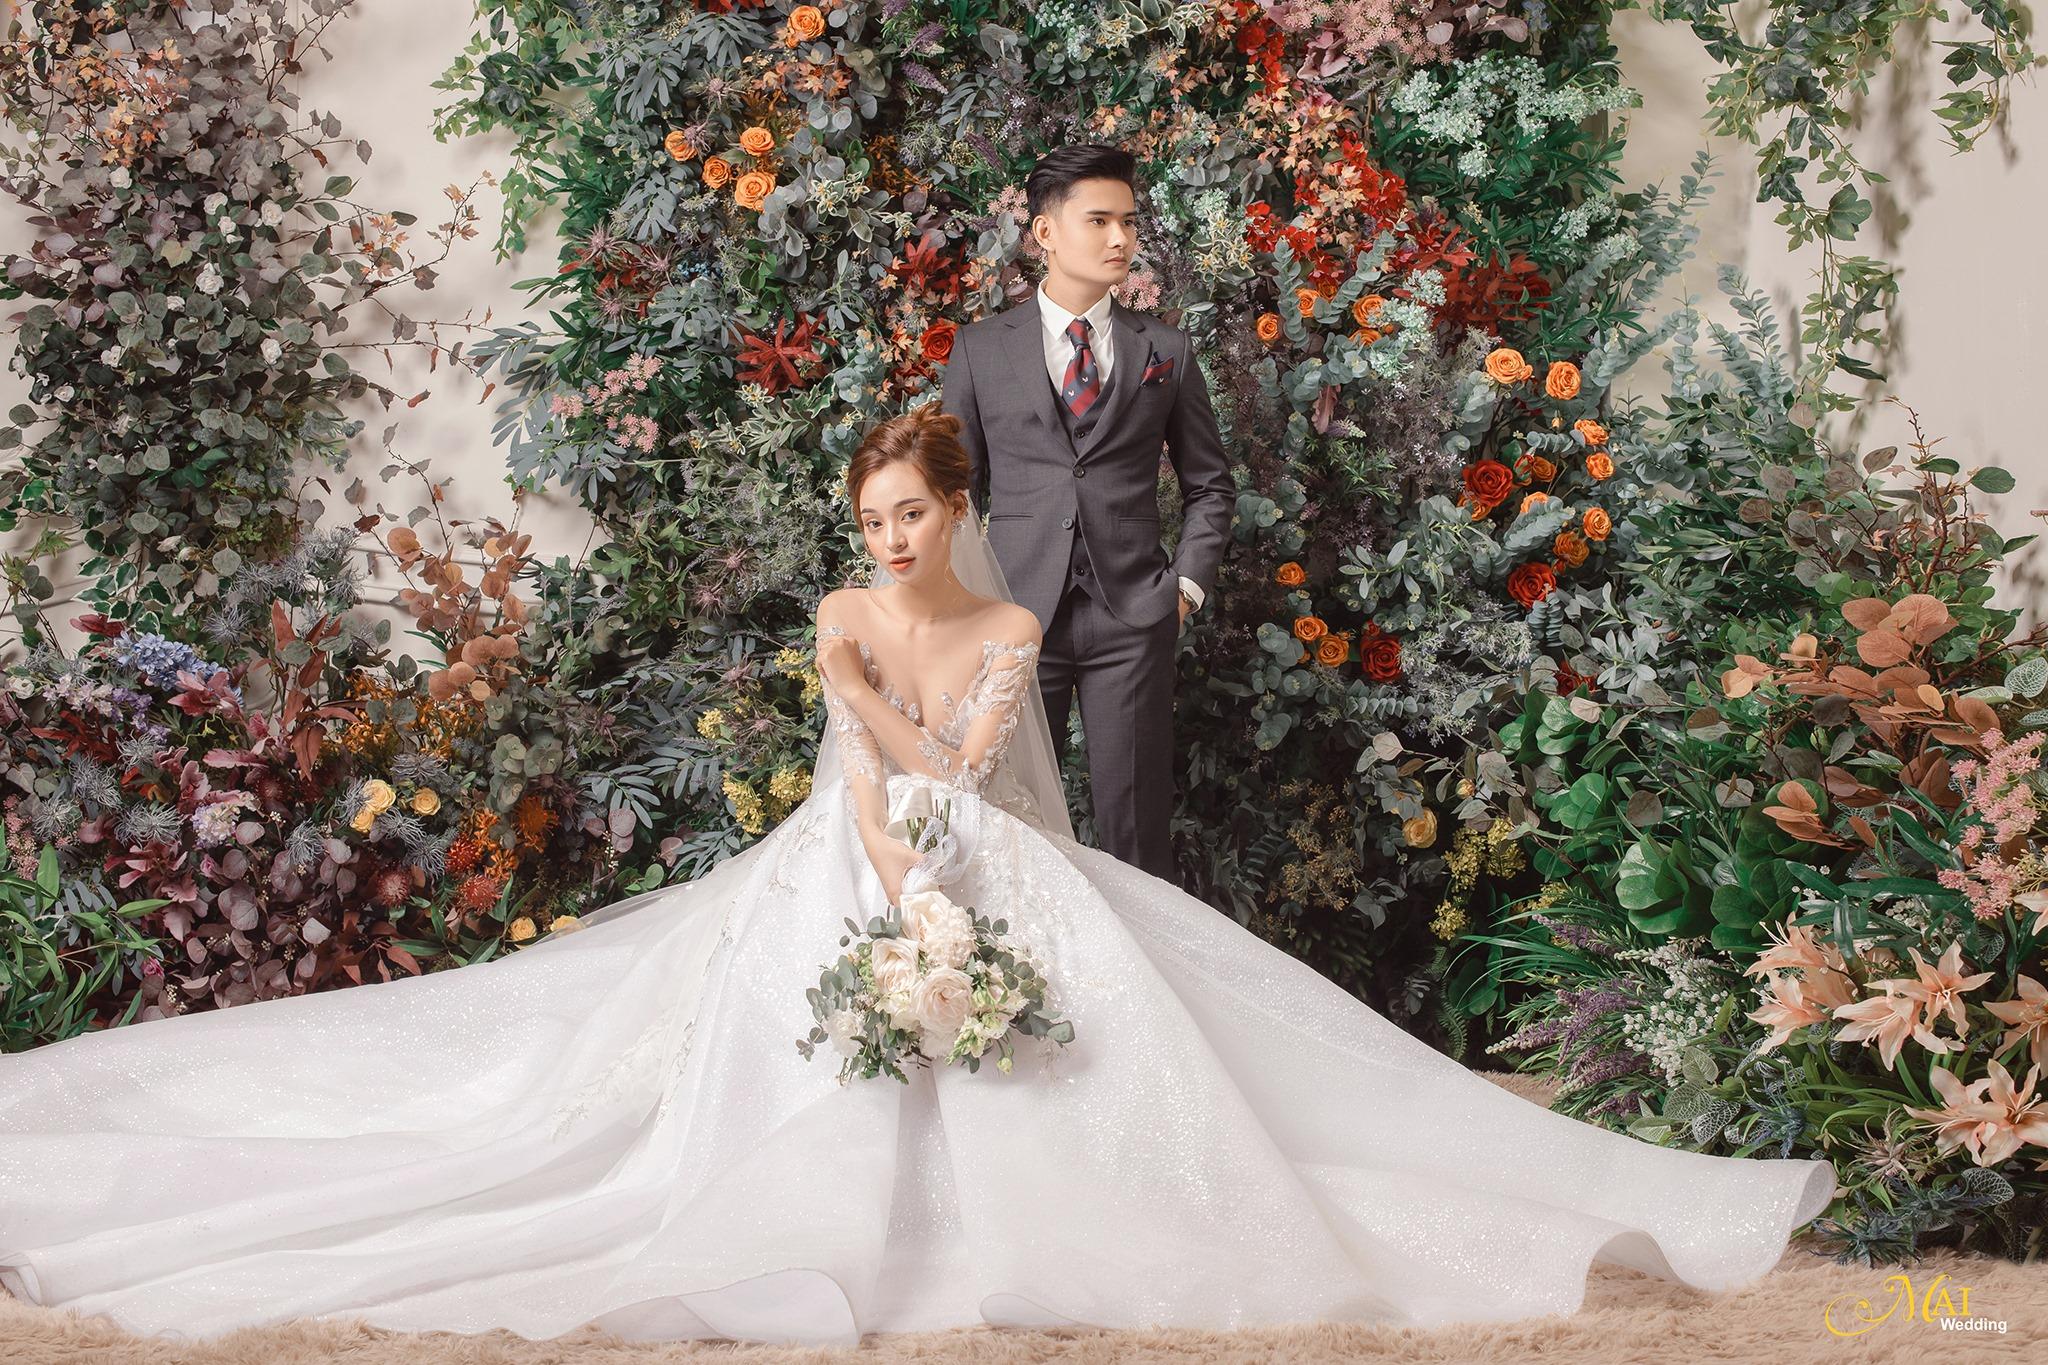 Chụp ảnh cưới phim trường là gì? Kinh nghiệm khi chụp